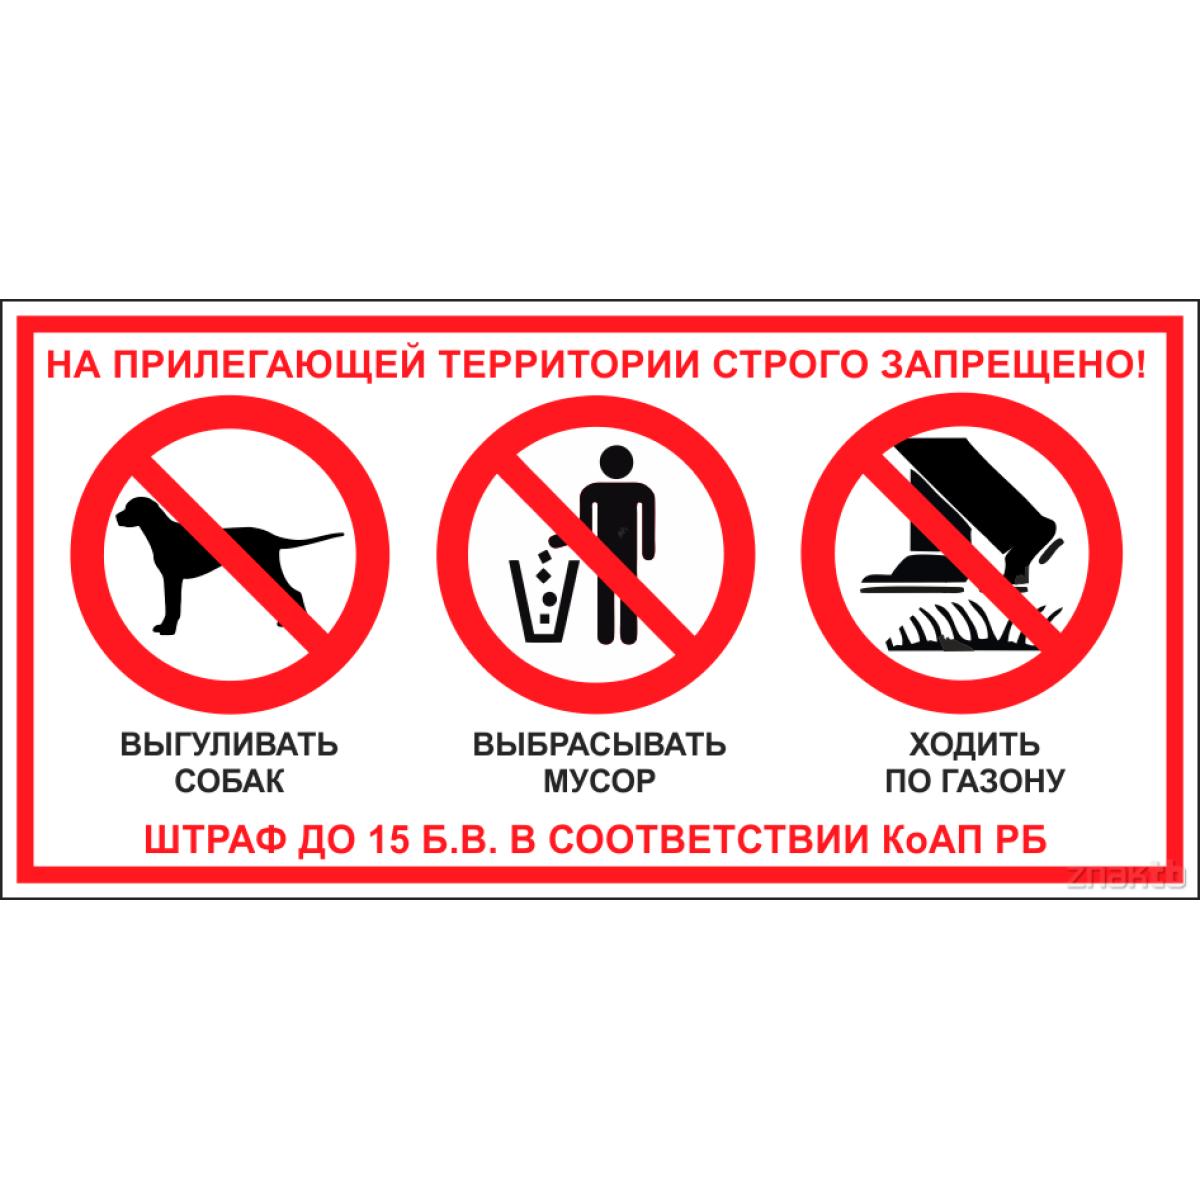 """Знак """"Запрещено выбрасывать мусор, выгуливать собак, ходить по газону"""""""